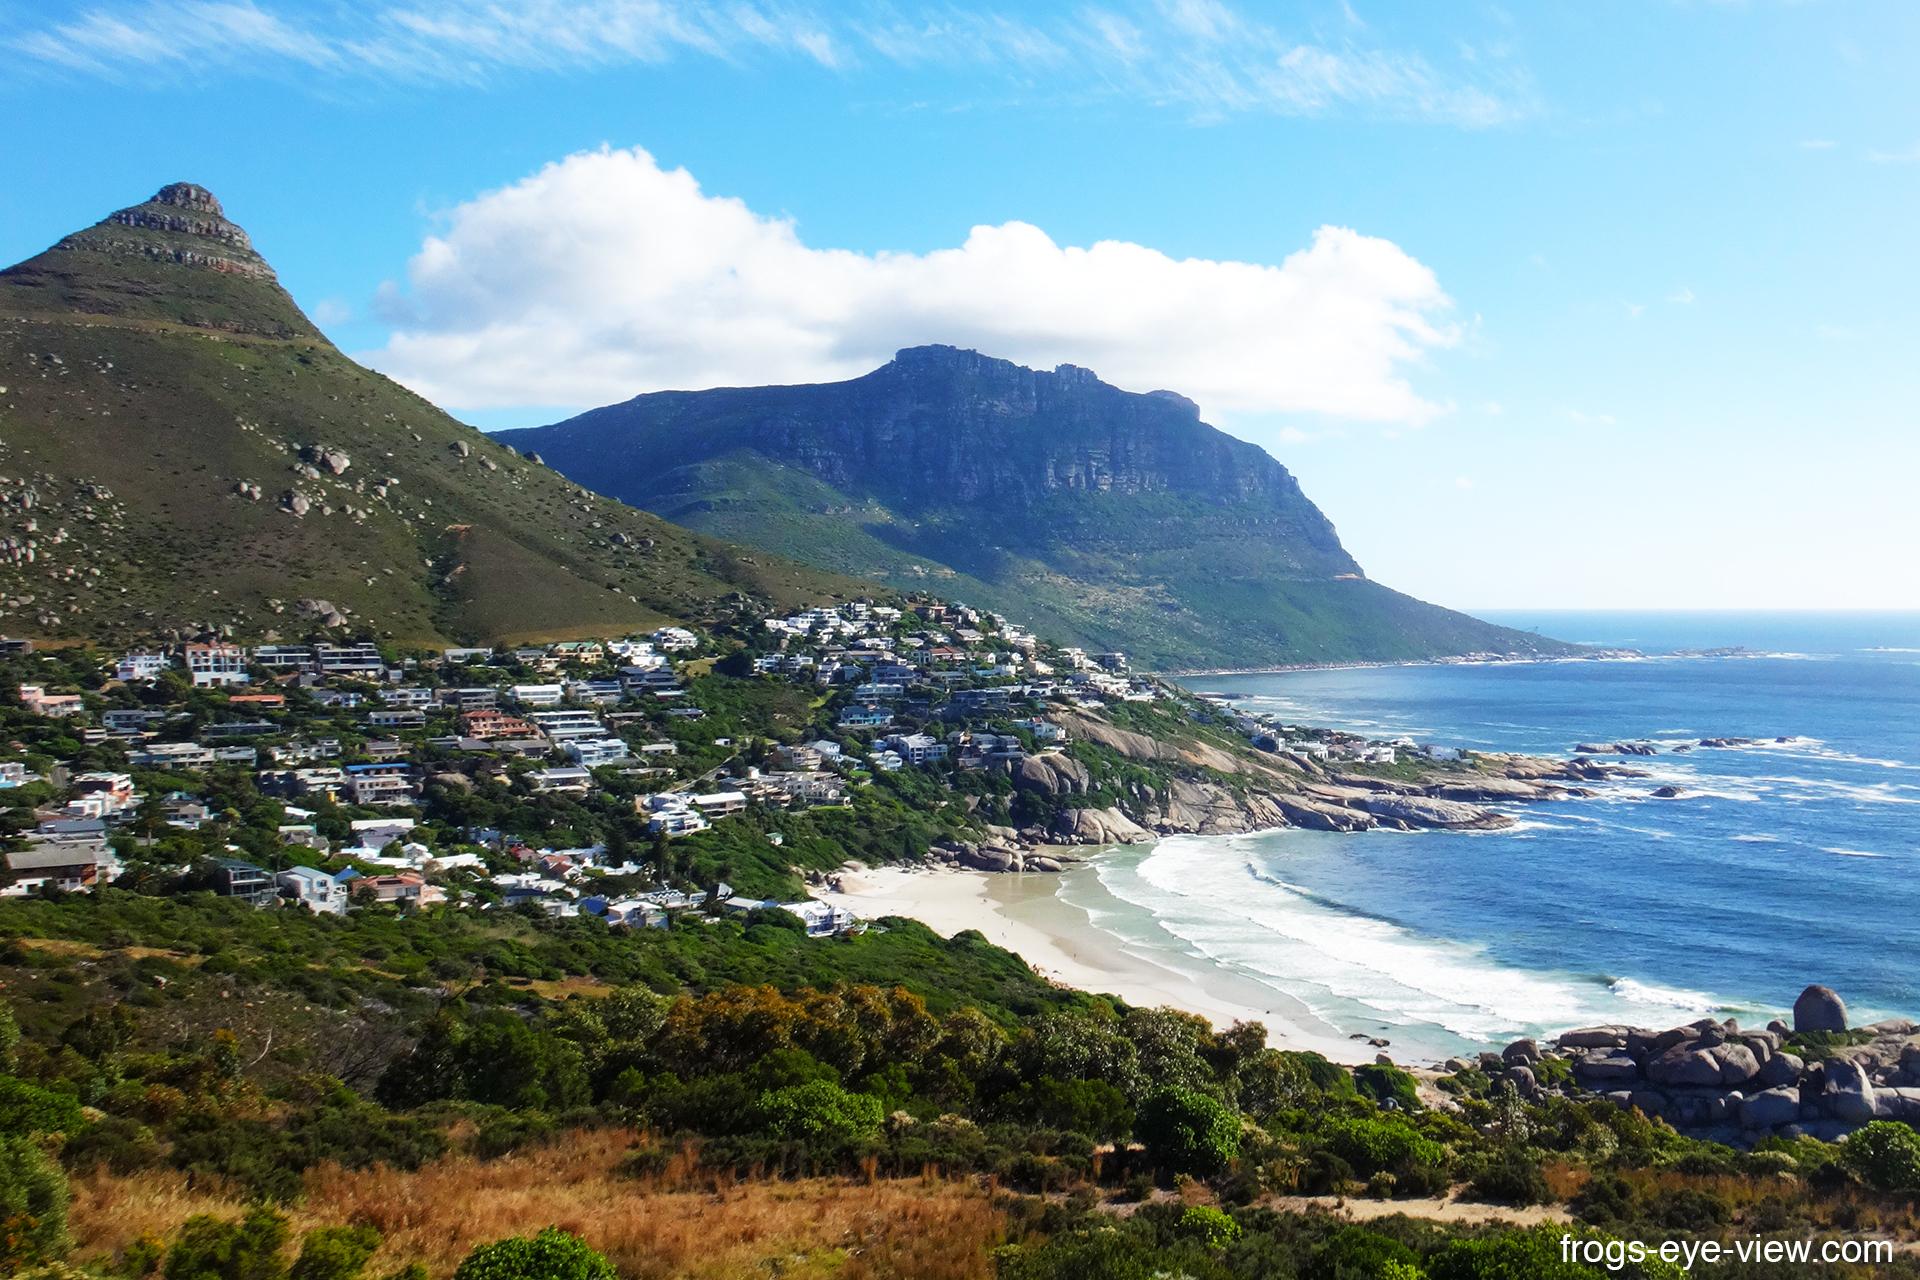 20160115_Afrika_151109-07_Capetown_DSC00037 Kopie